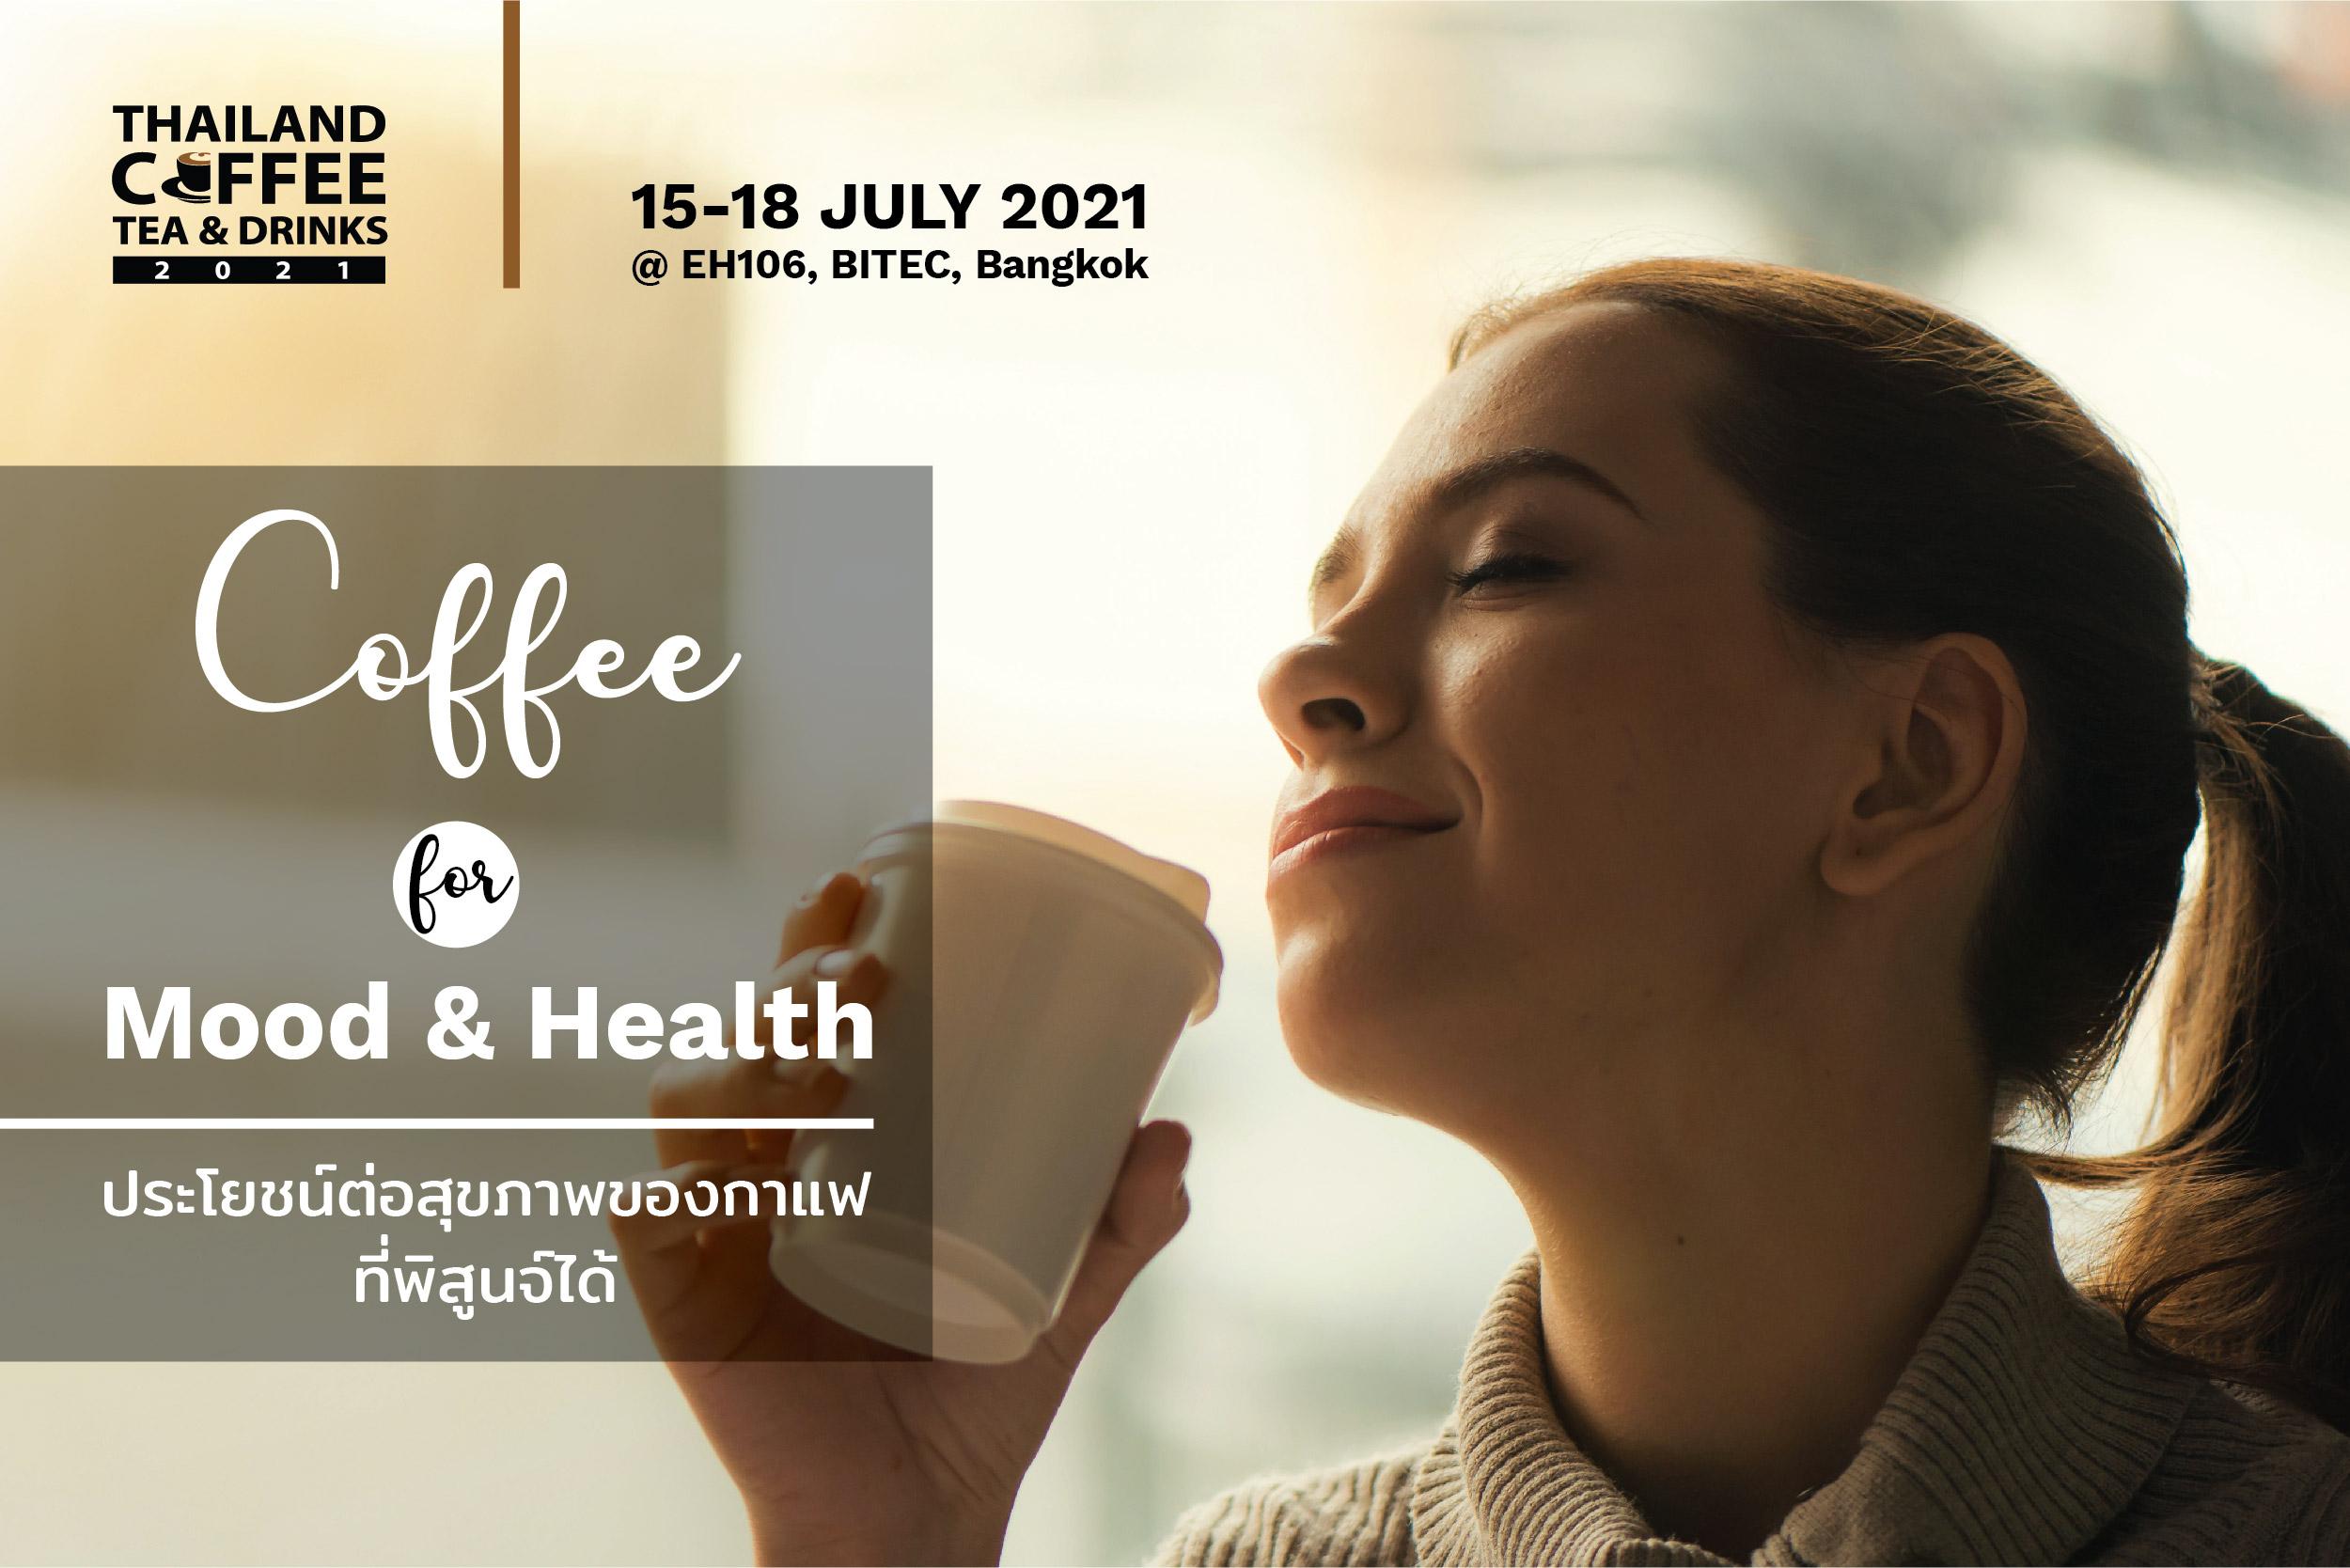 ประโยชน์ต่อสุขภาพของกาแฟที่พิสูนจ์ได้